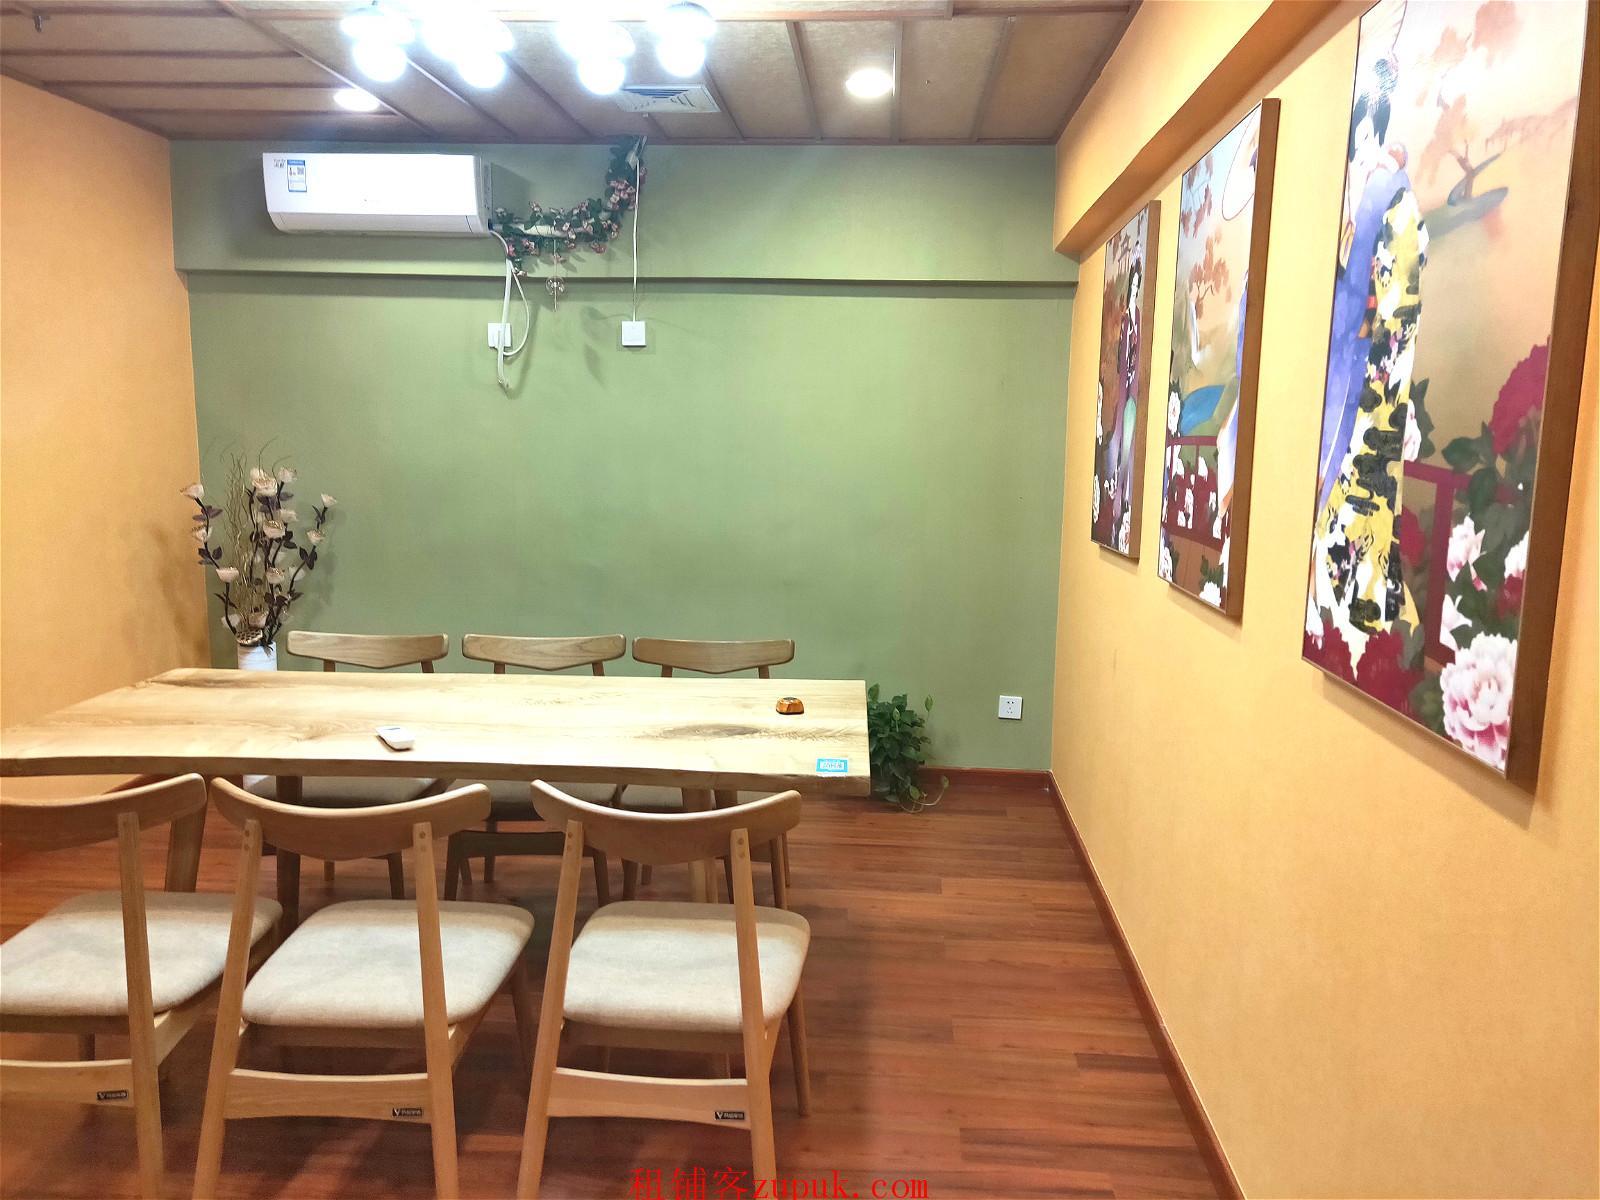 青秀区德利国际175平寿司店优惠转让